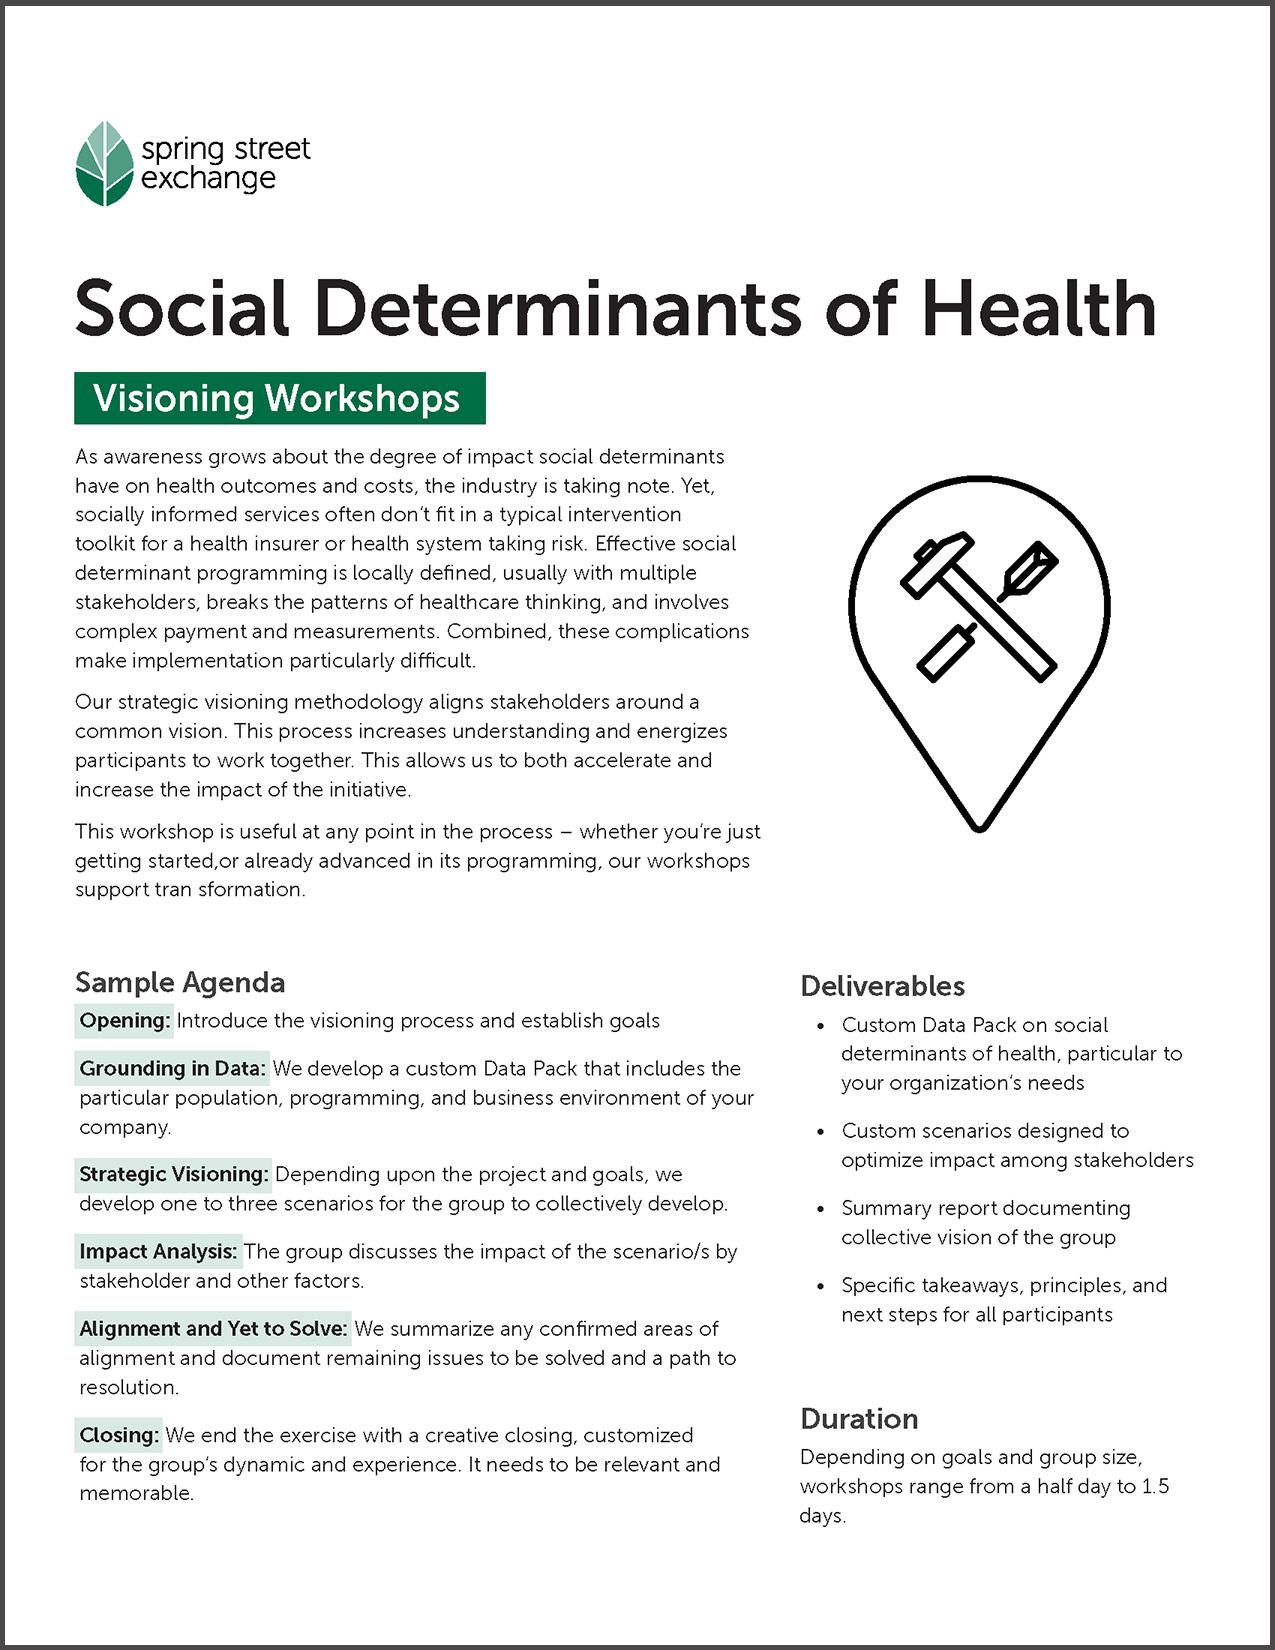 Flyer // Visioning Workshops: Social Determinants of Health